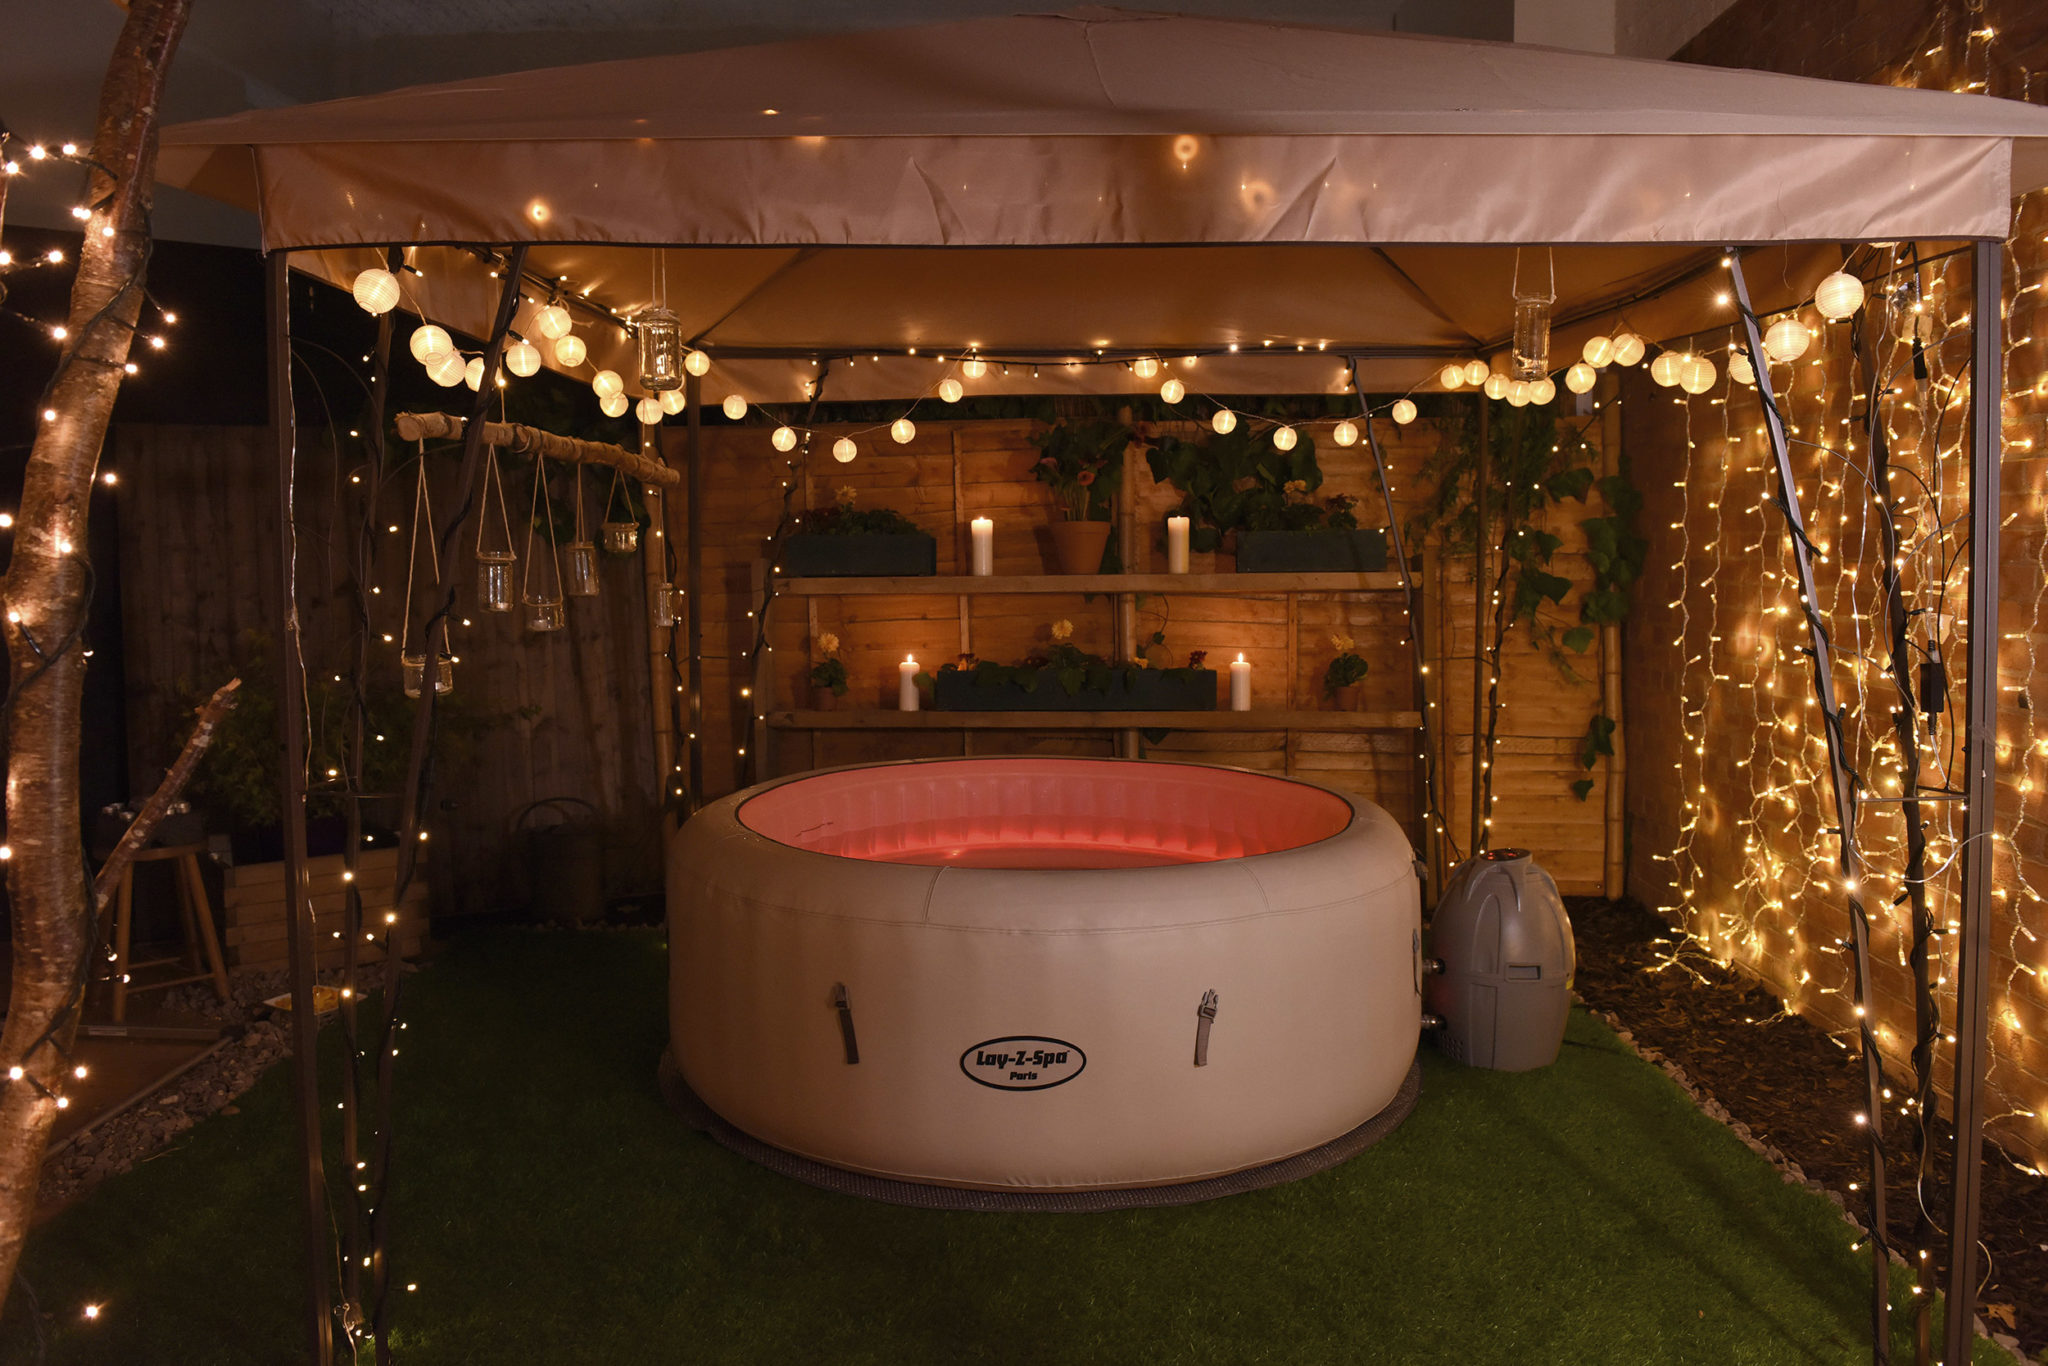 Spa gonflable Paris dans une ambiance romantique